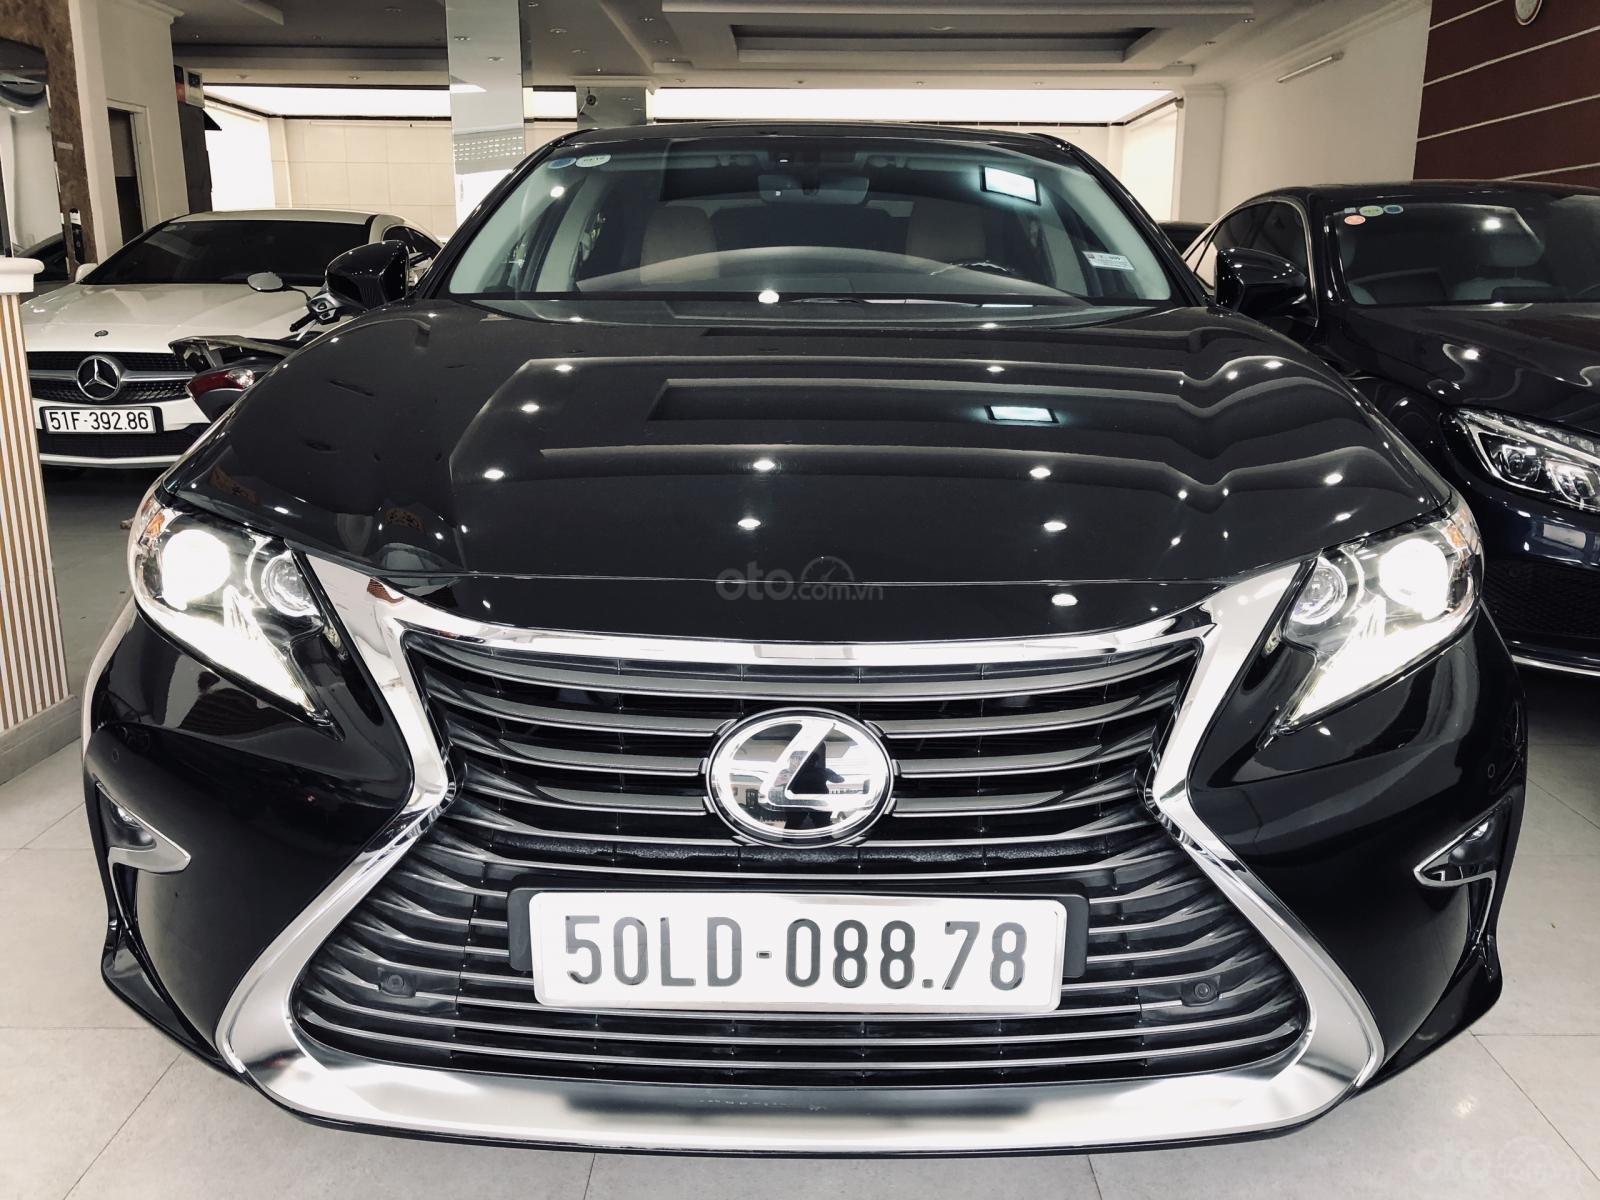 Bán Lexus ES 250 sản xuất 2016, đăng ký 2017, xe đi lướt 24.000km, bao kiểm tra hãng, tiết kiệm so với xe mới 700 triệu-0